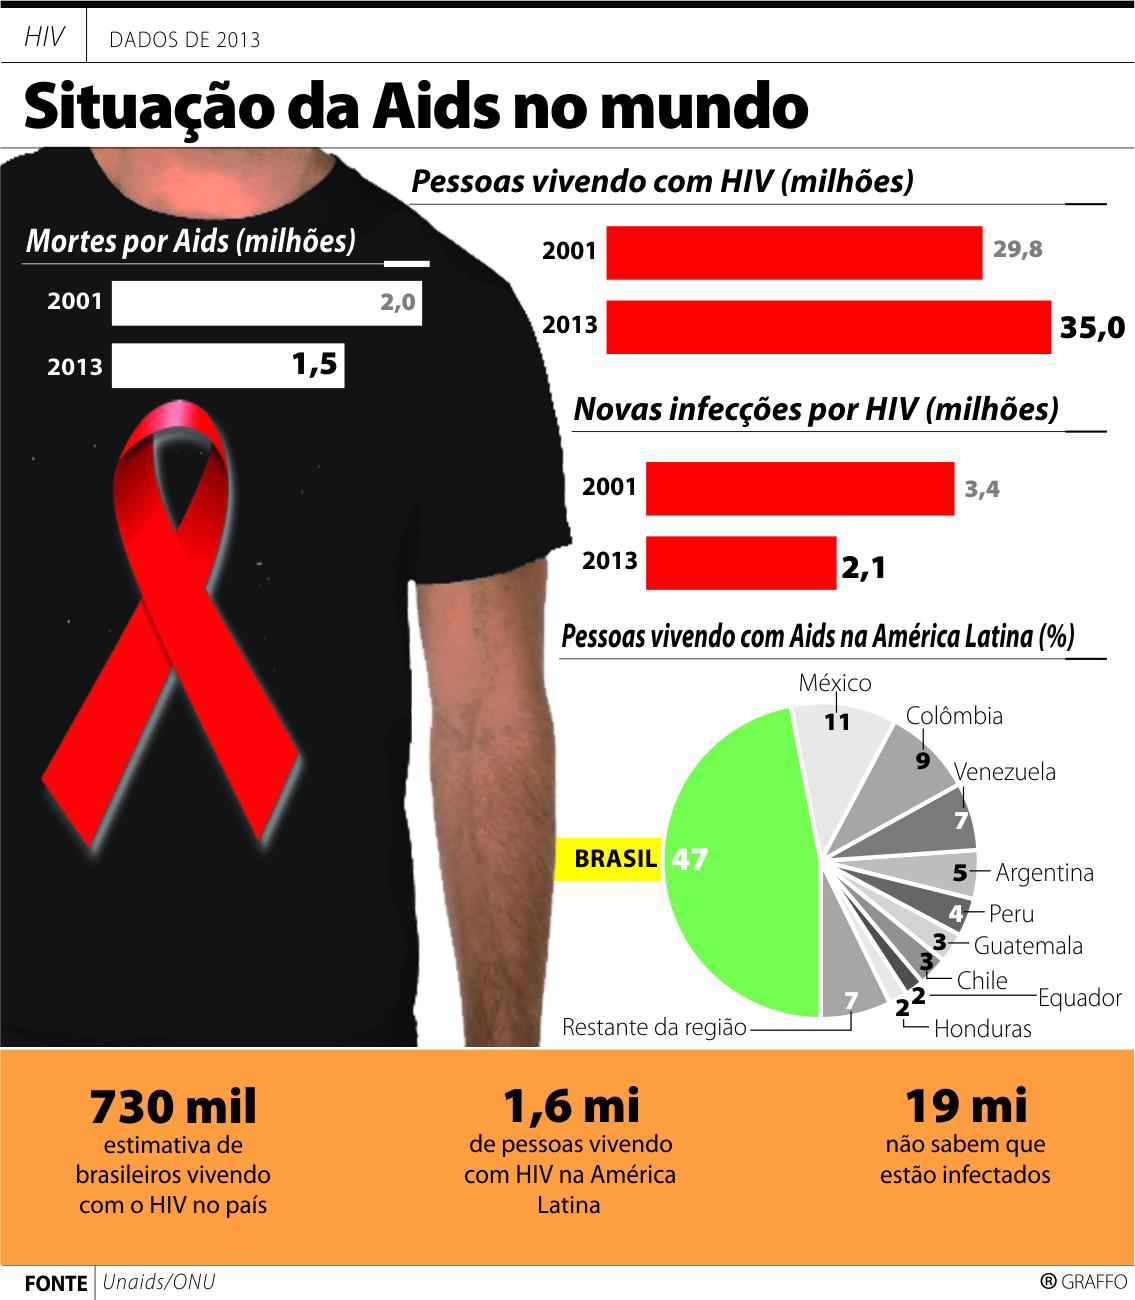 AIDS  Contexto de transmissão e infectados é bem diferente - Vvale 1e04a5aff68eb